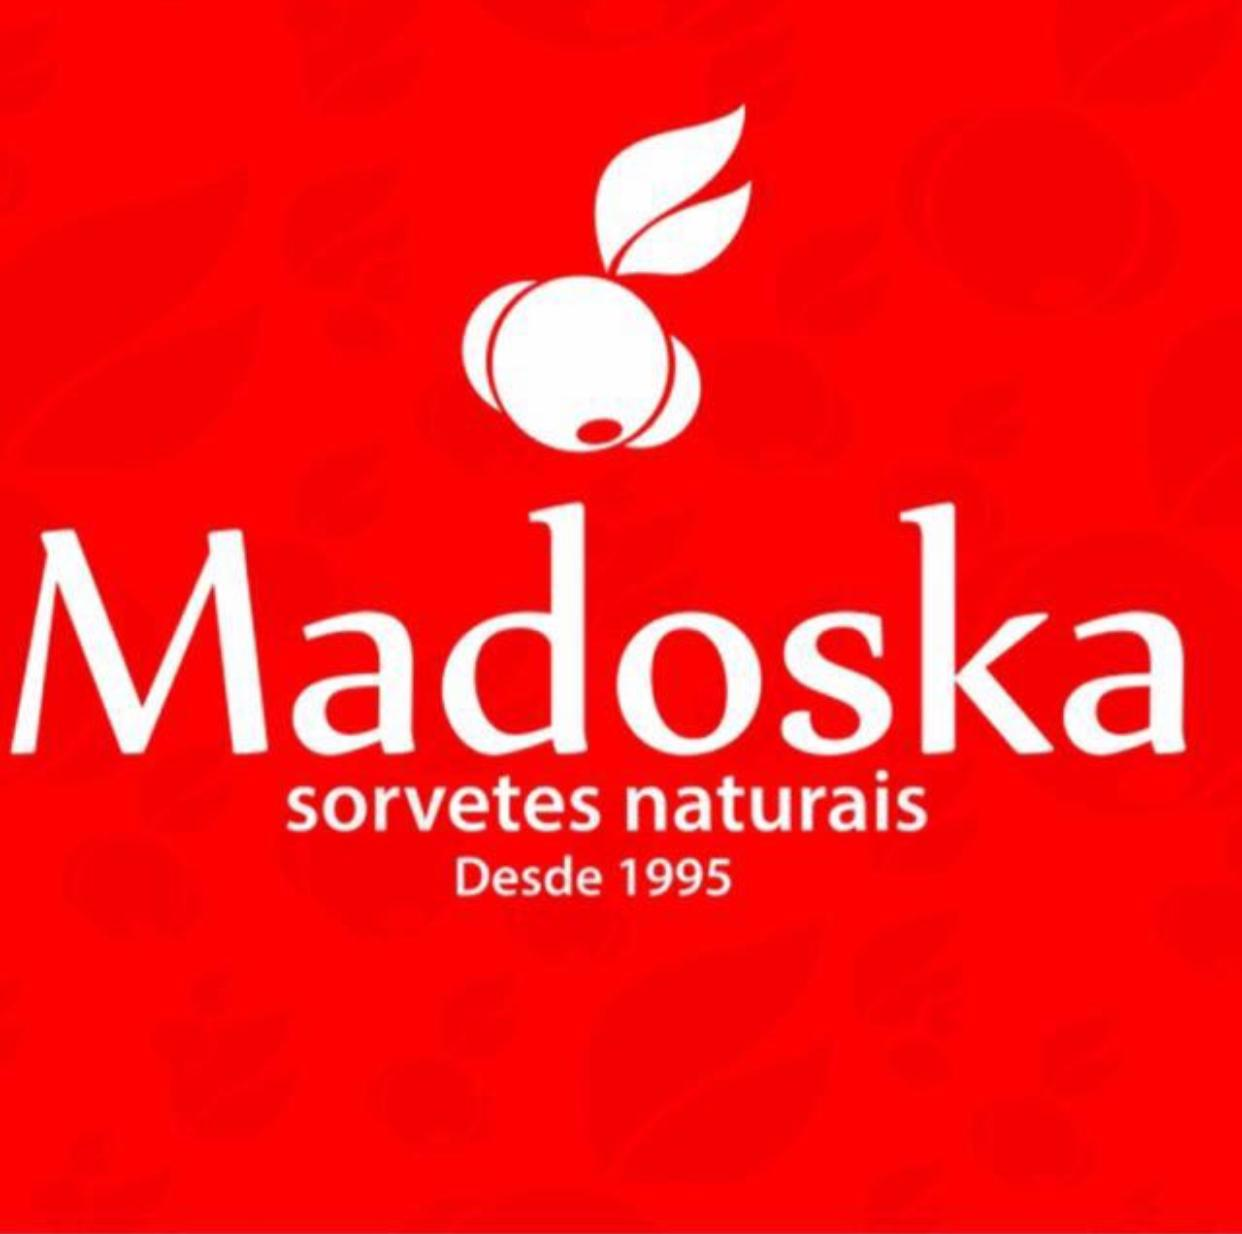 """IMG-20191125-WA0360-654x650 Sorveteria """"Madoska"""" será inaugurada nesta sexta-feira (29) em Monteiro"""